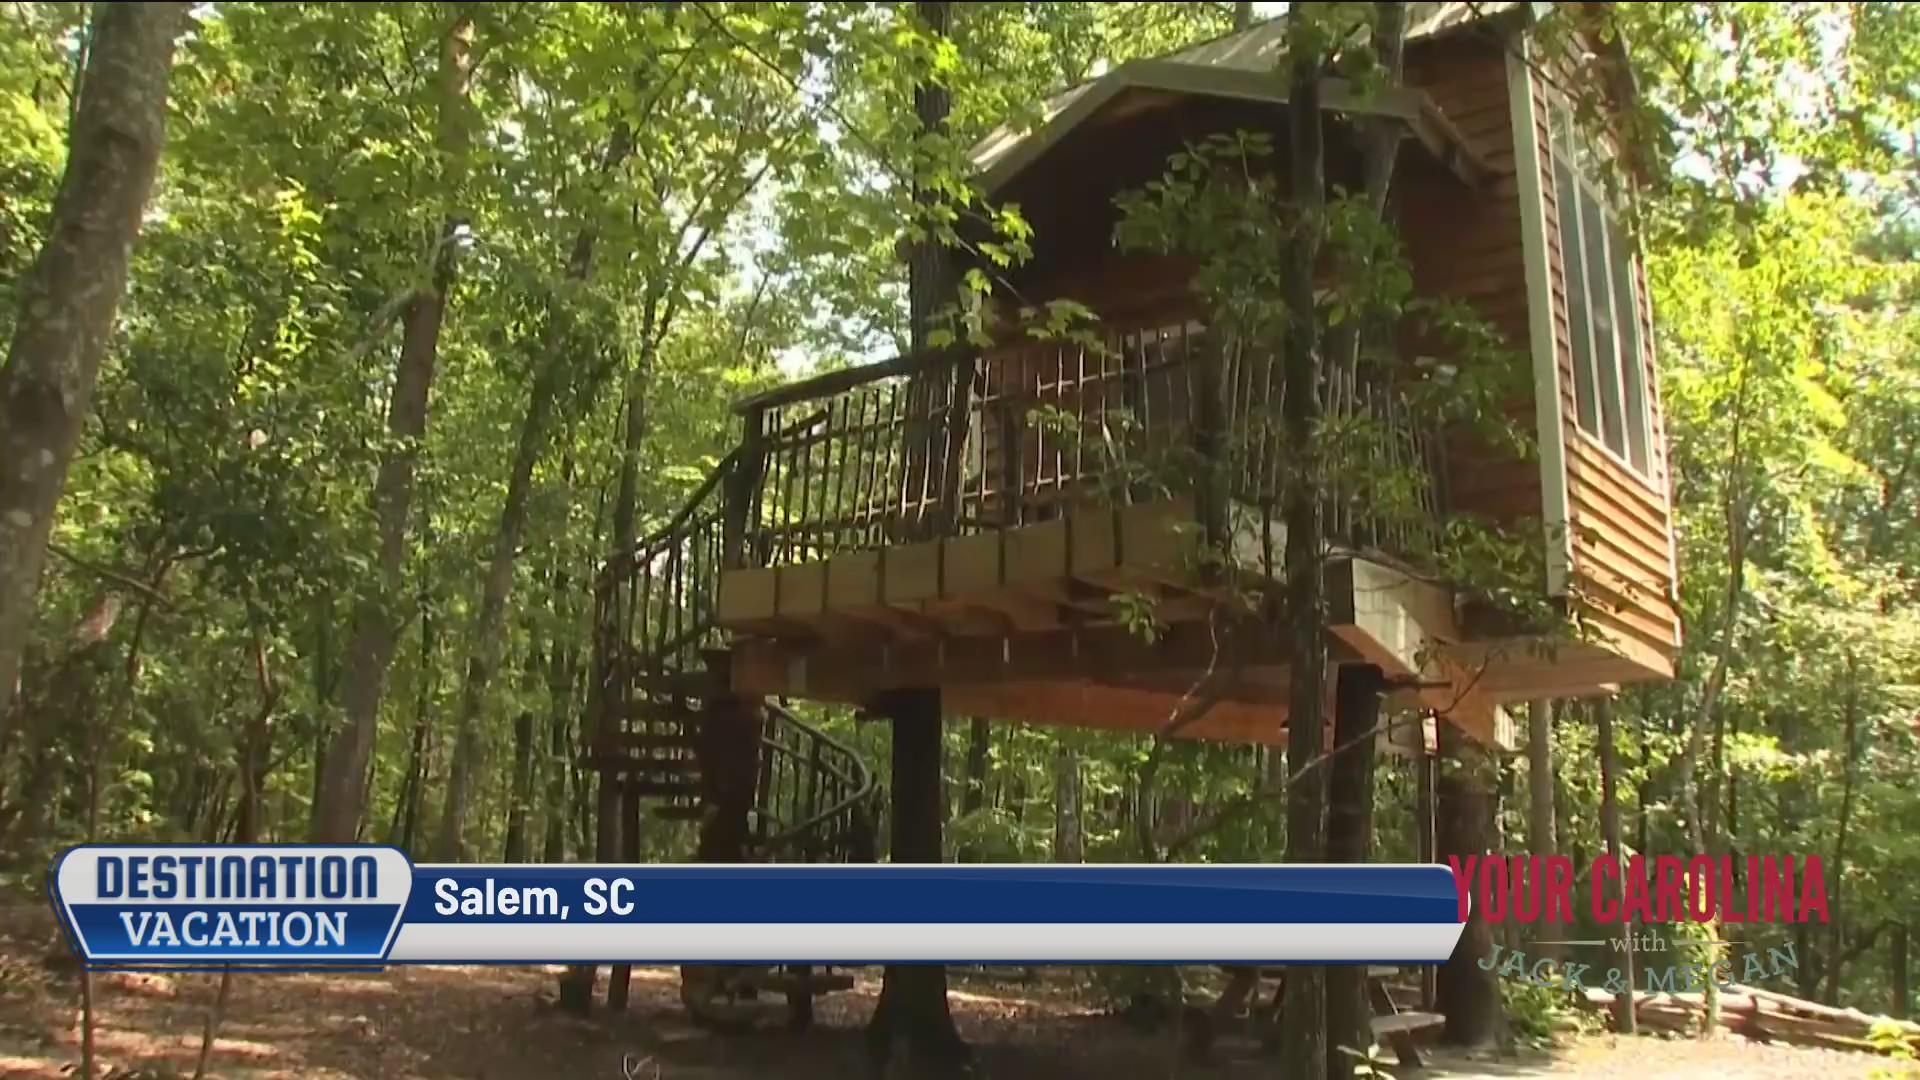 Destination Vacation - Salem, SC